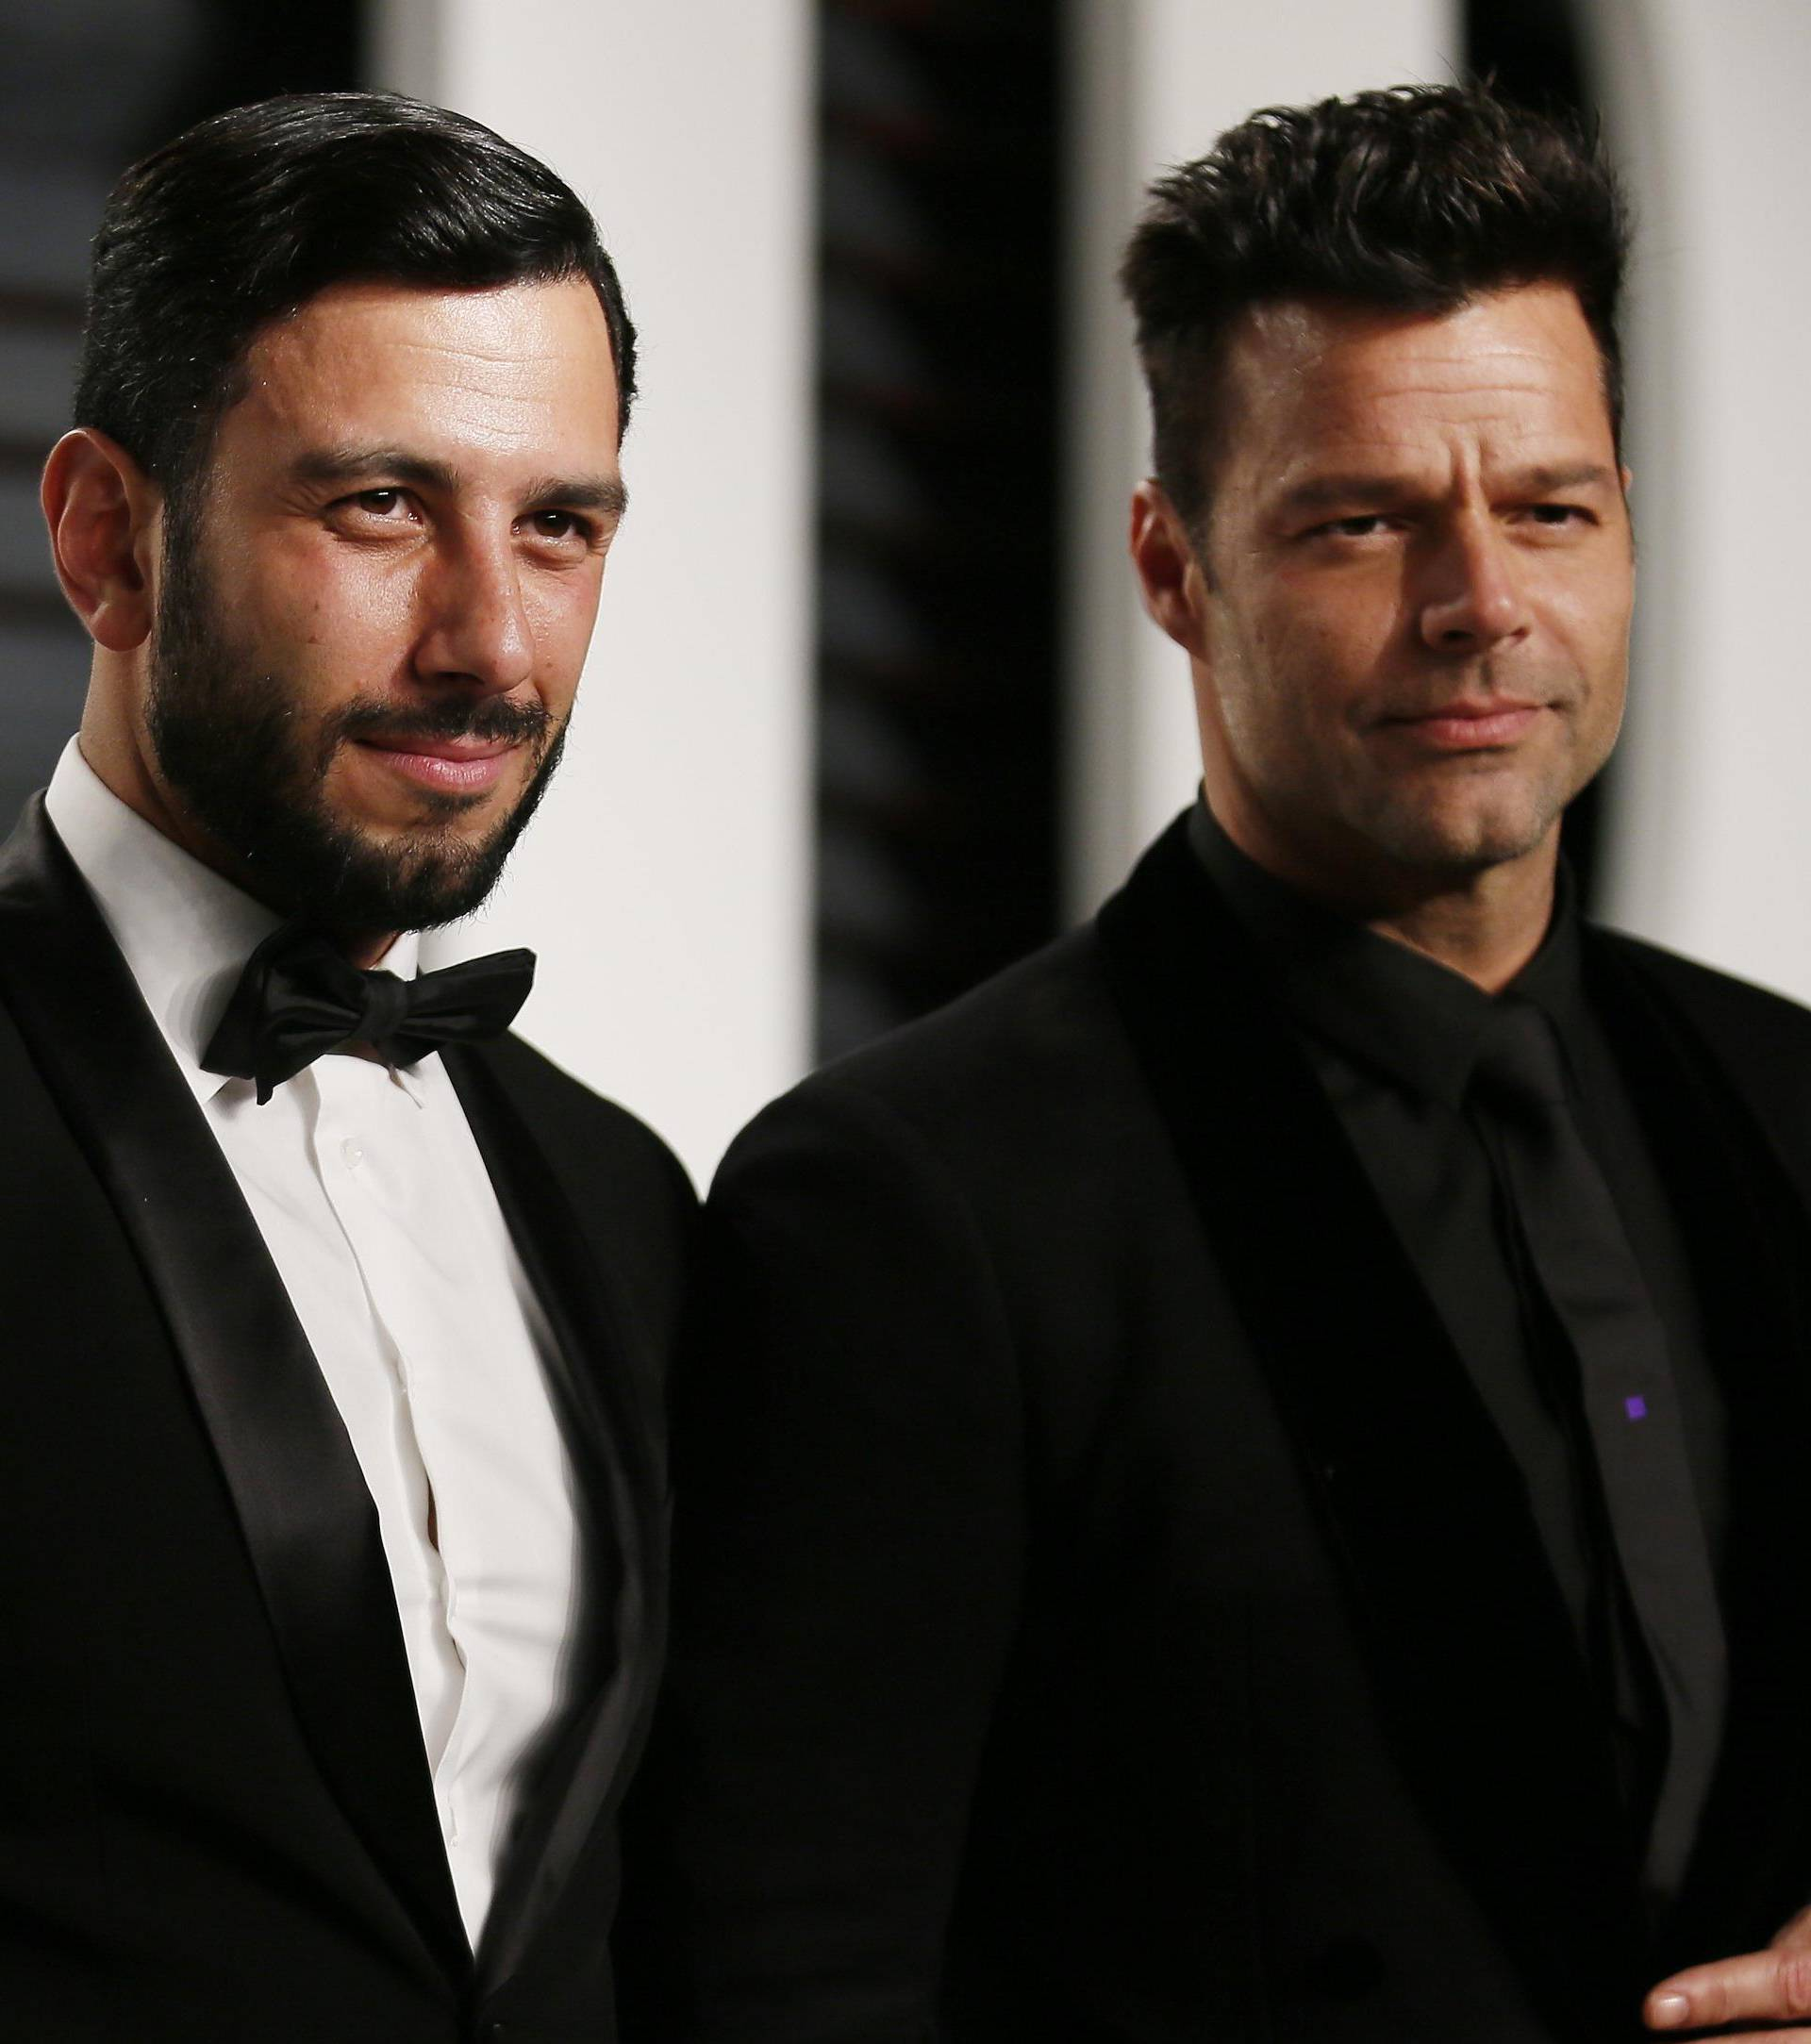 89th Academy Awards - Oscars Vanity Fair Party